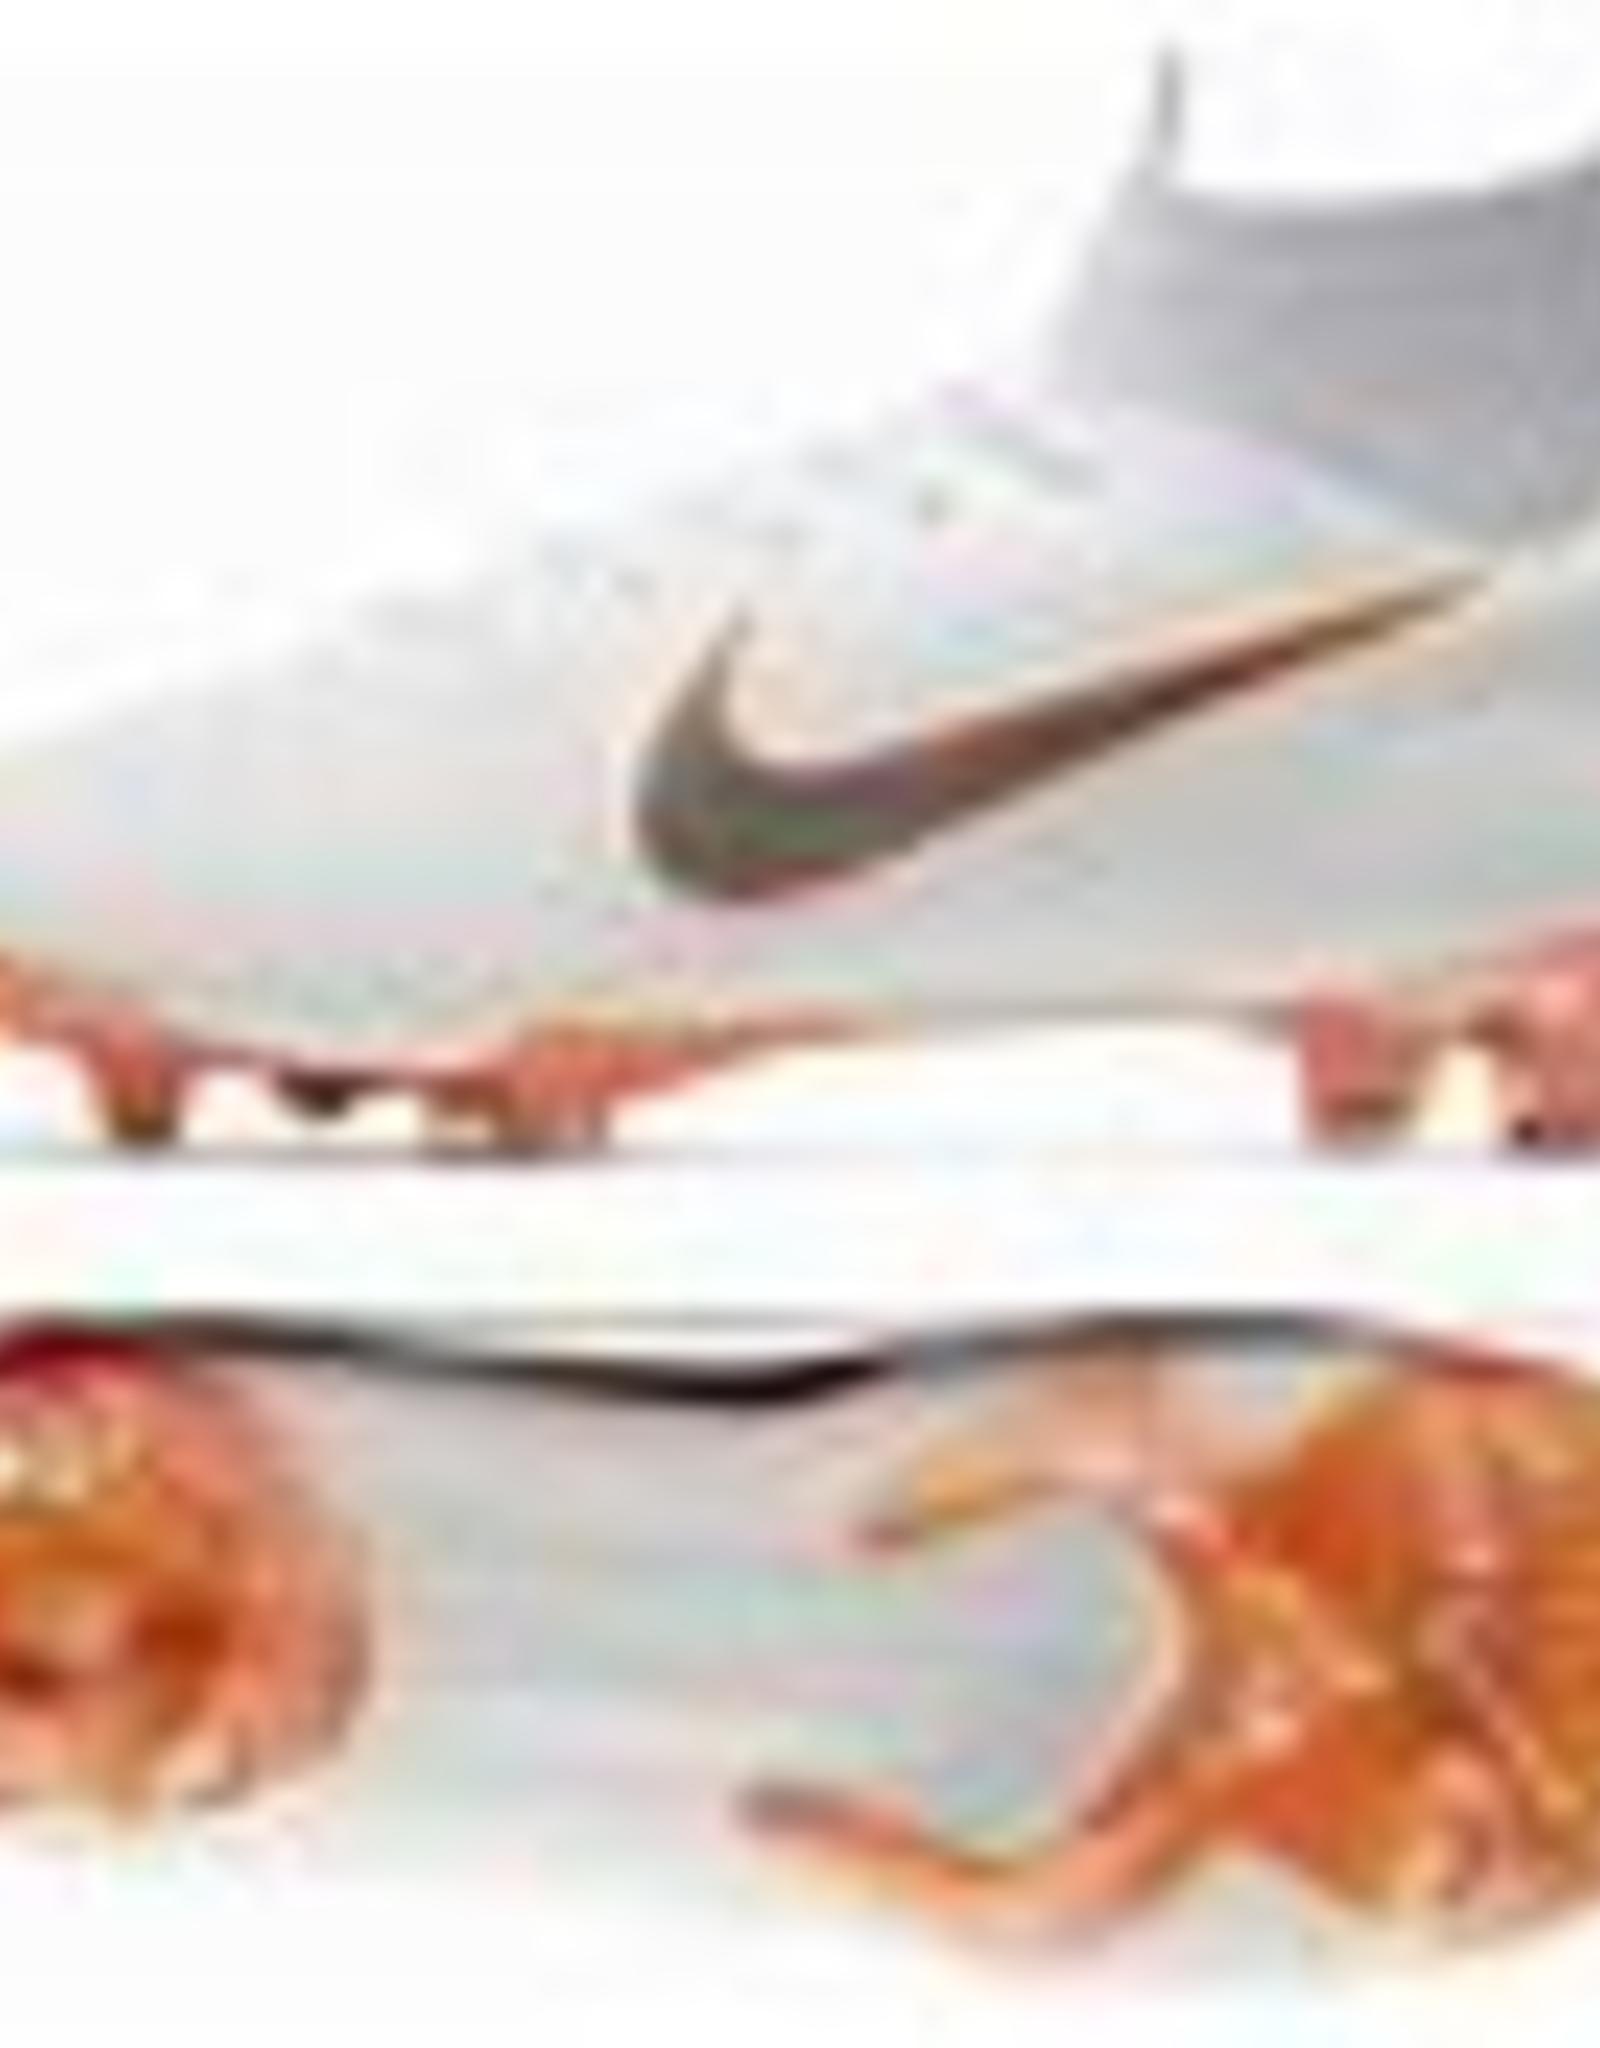 Nike JR  Superfly 6 elite FG  (Merrcurial)